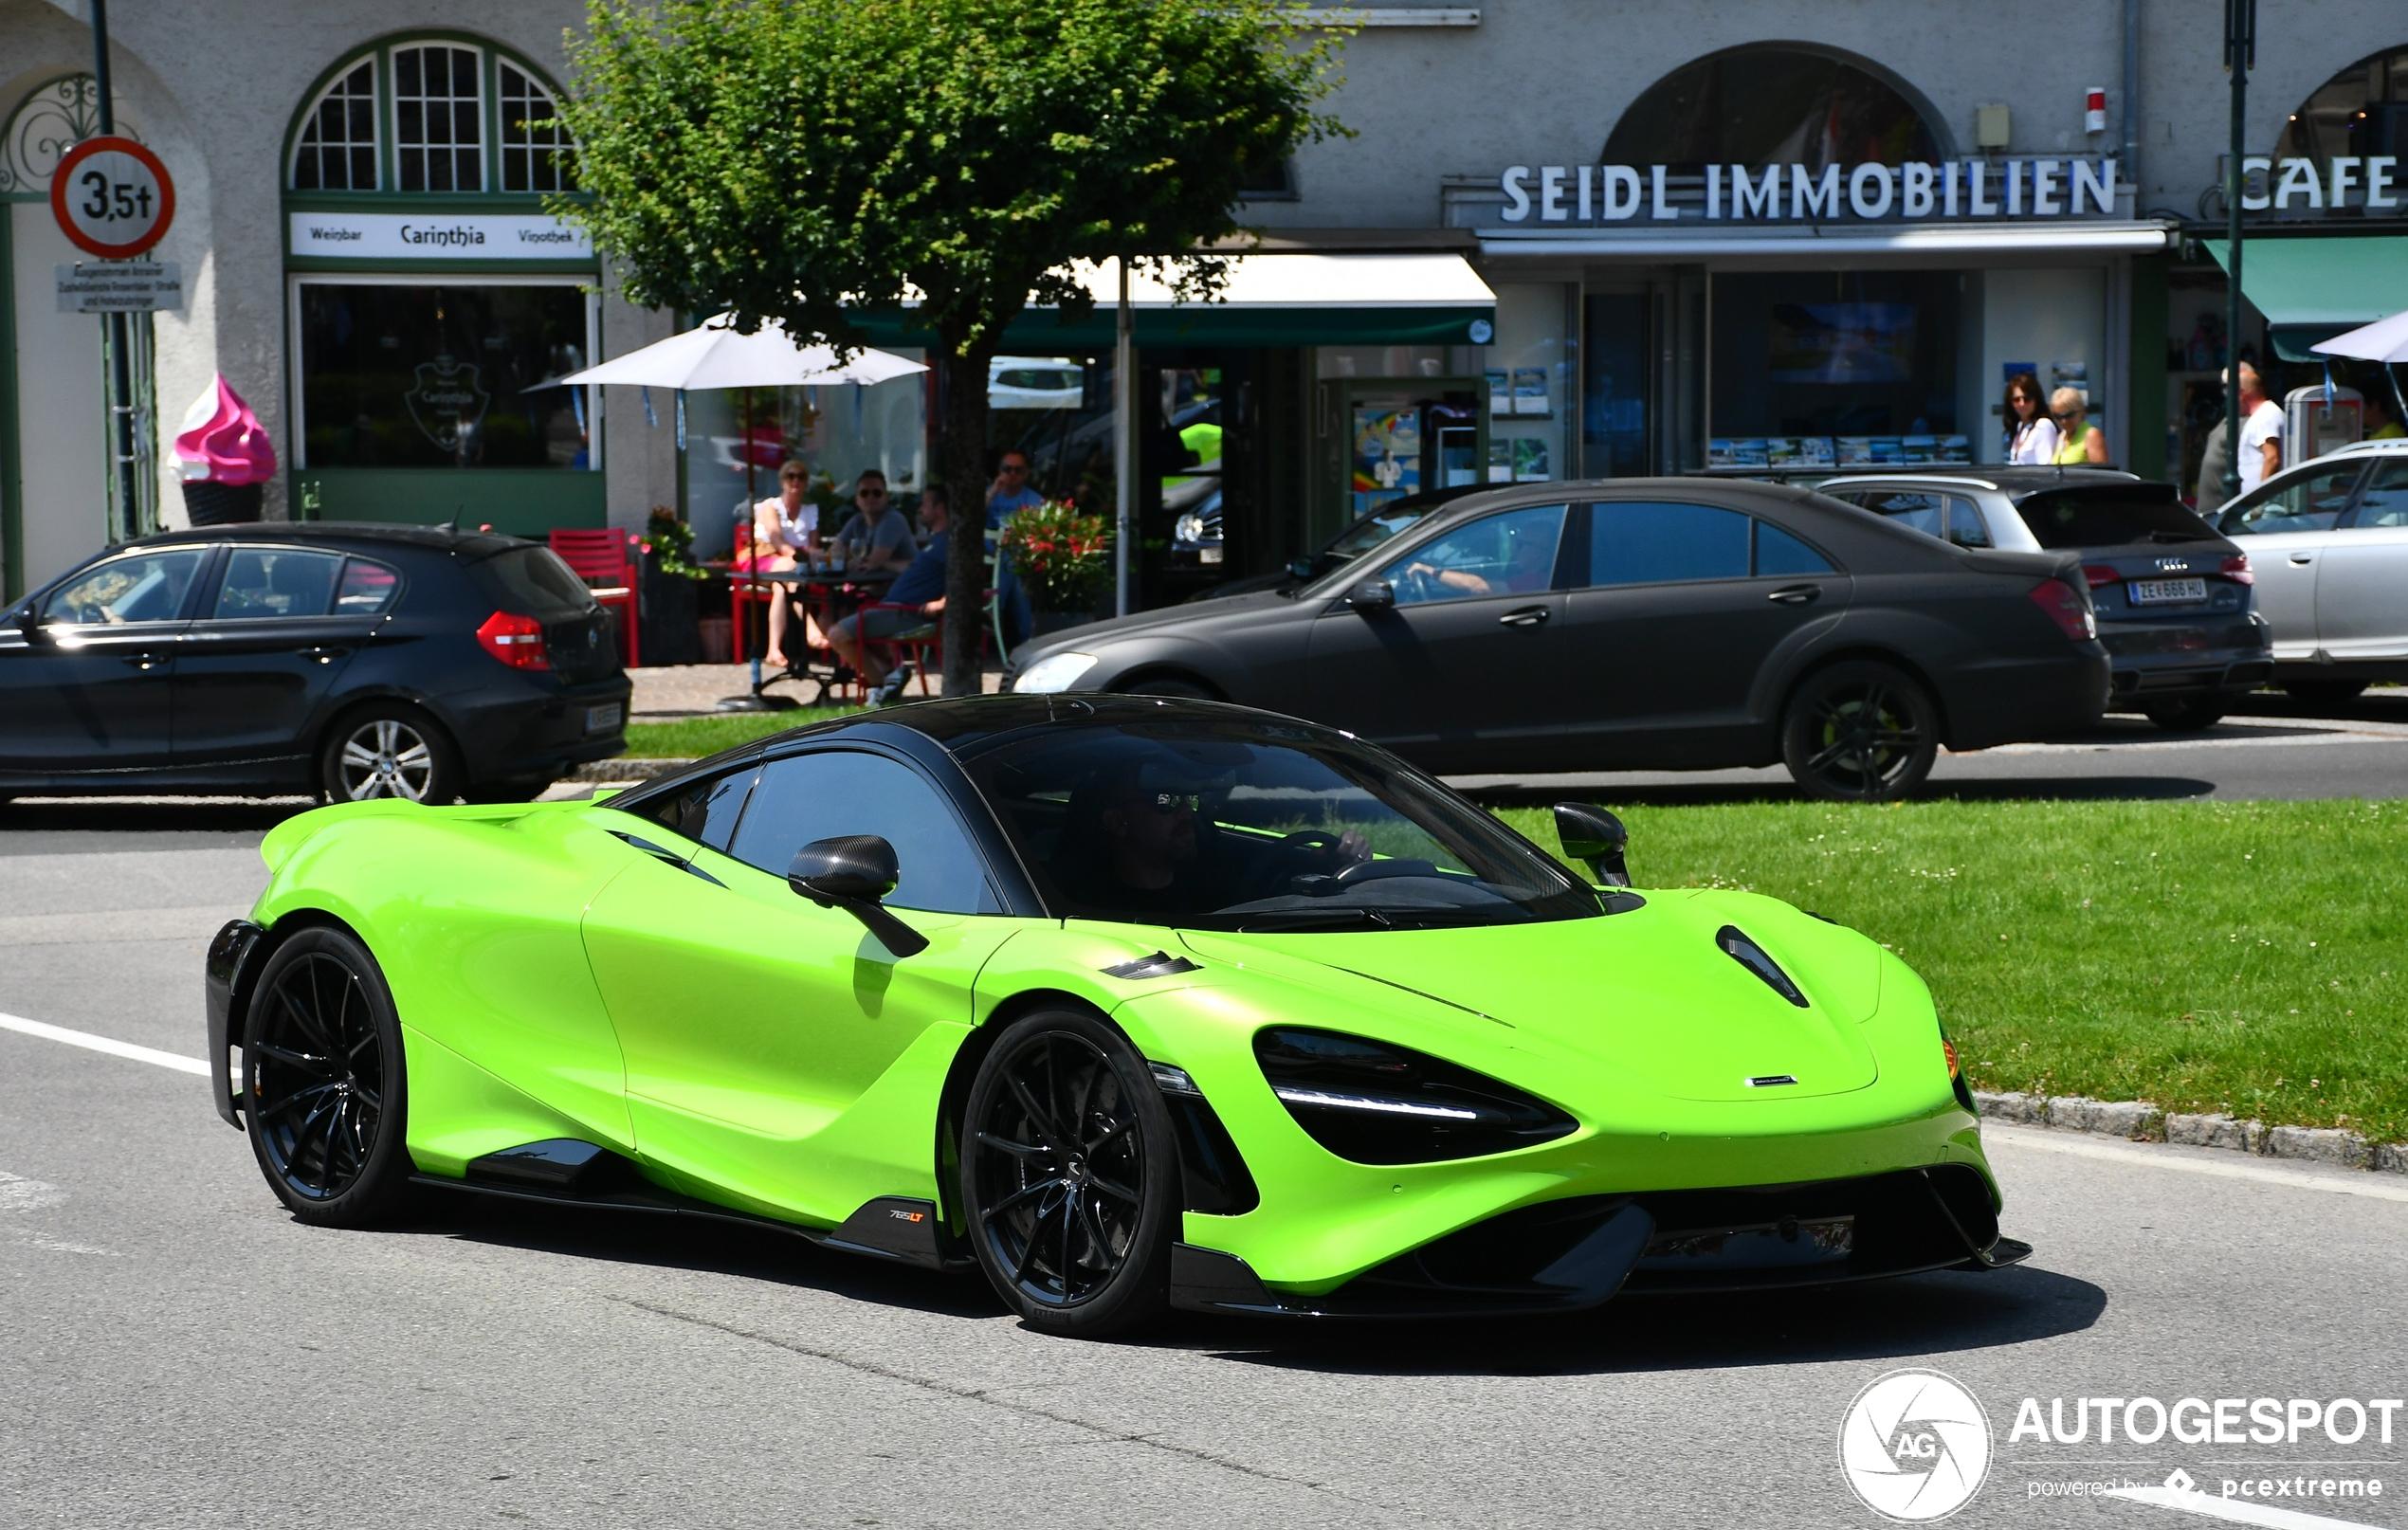 Gifgroene McLaren 765LT is een droomspecificatie